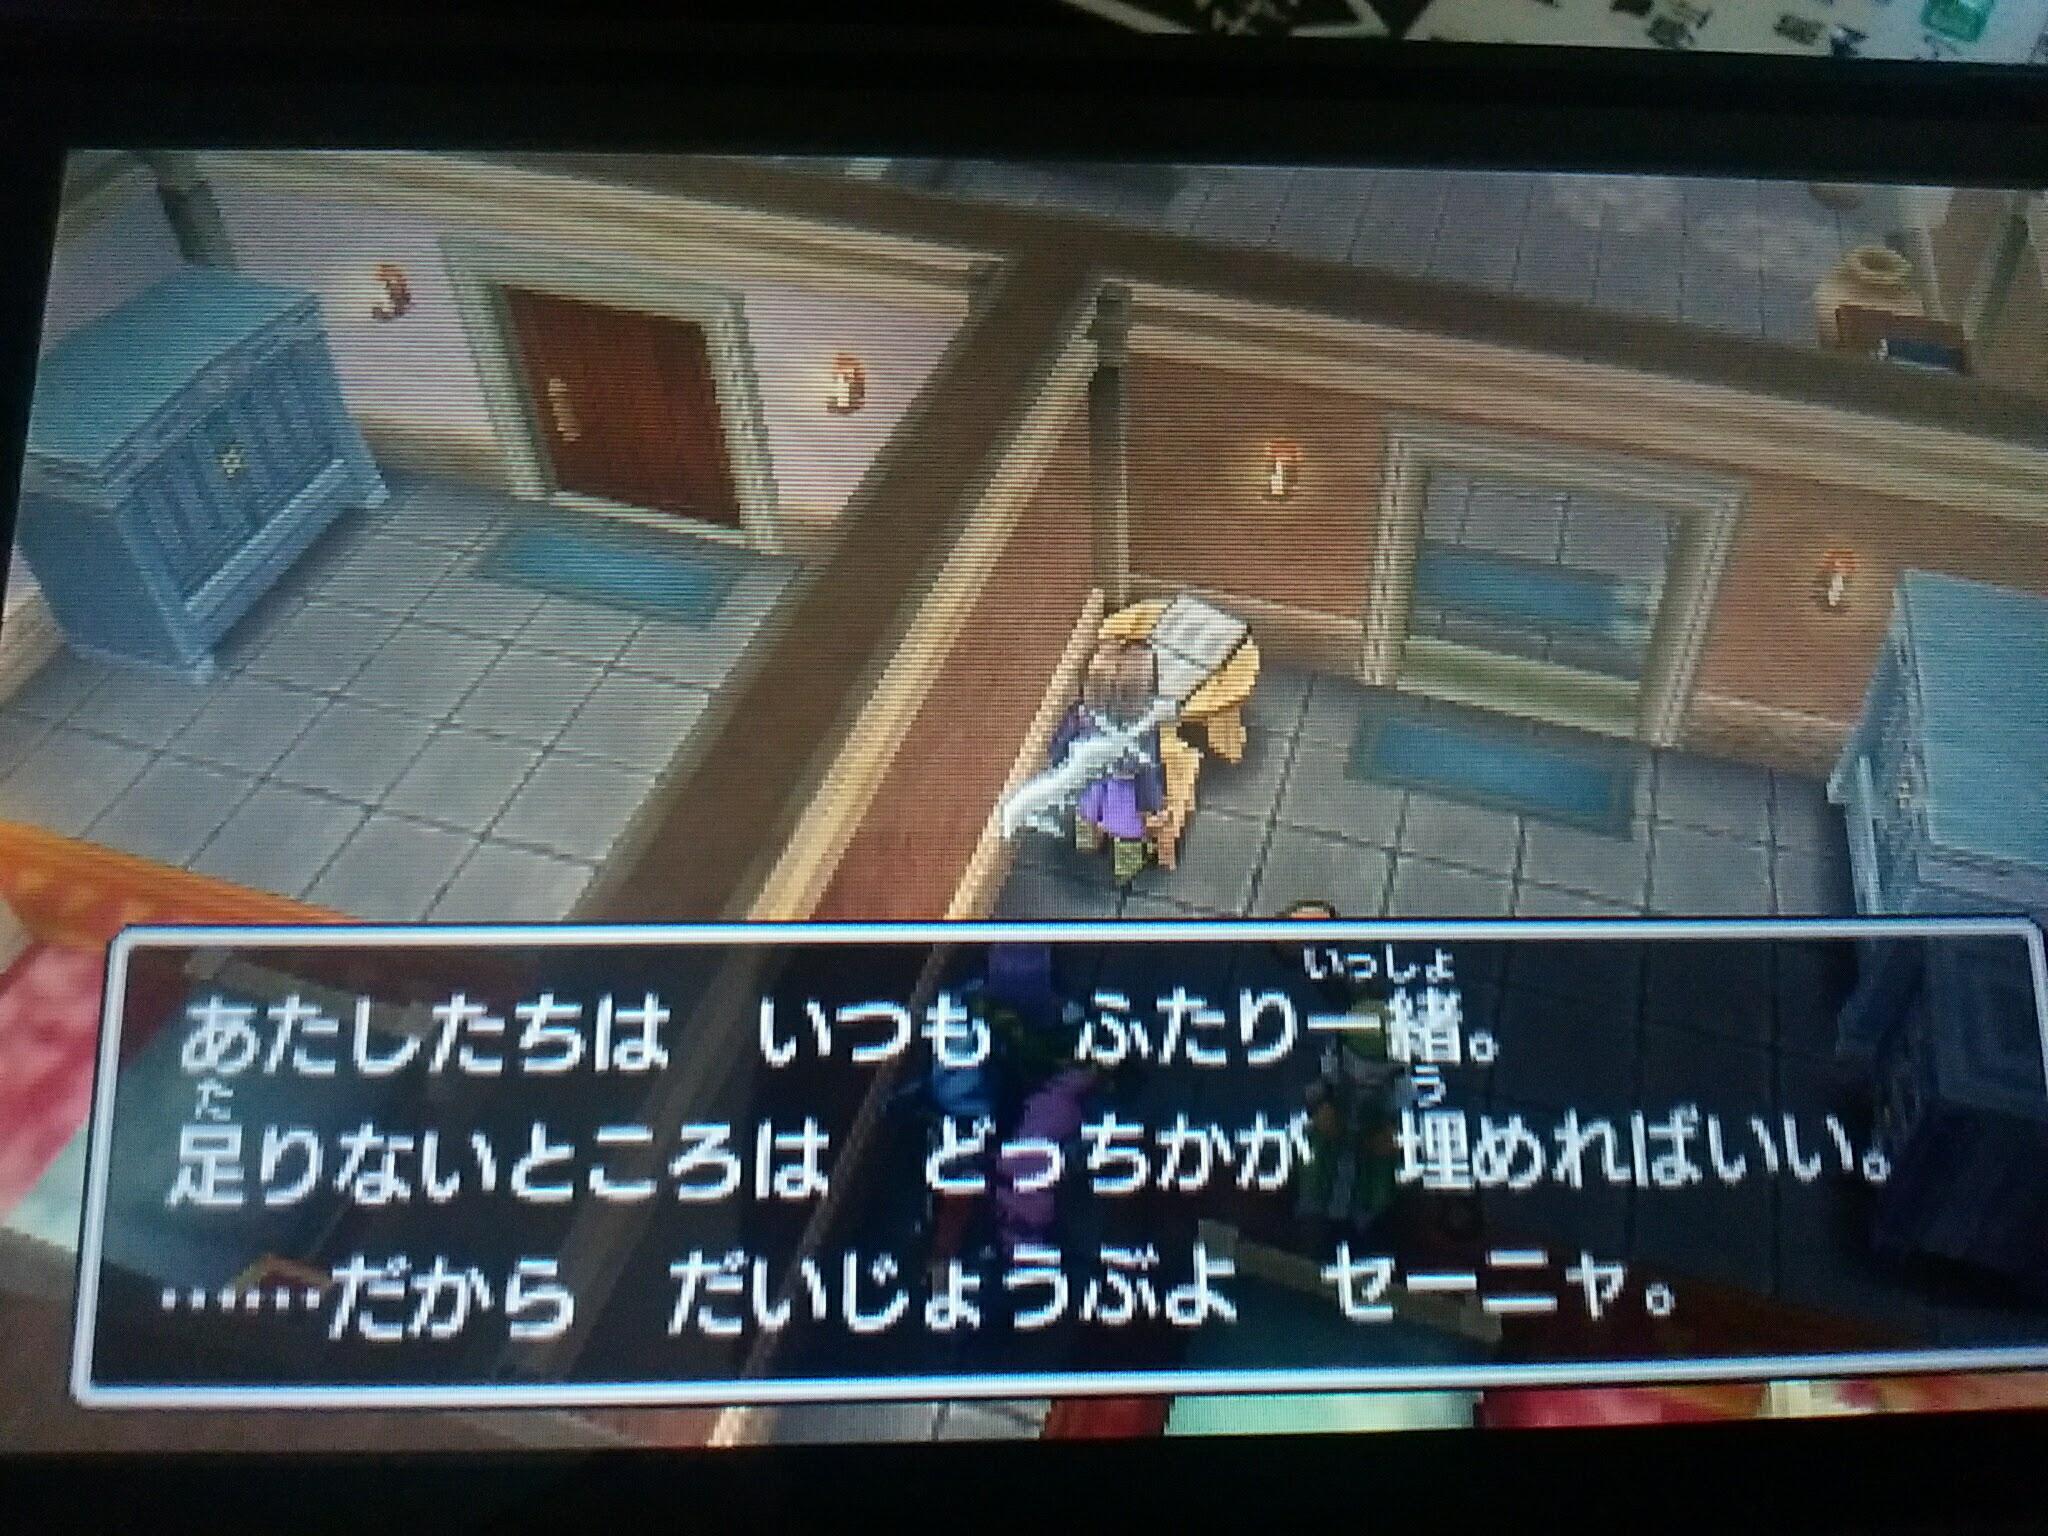 HAoJ9mB1JDZNM - ドラクエ11の主人公片手剣と両手剣どっちがいいの?